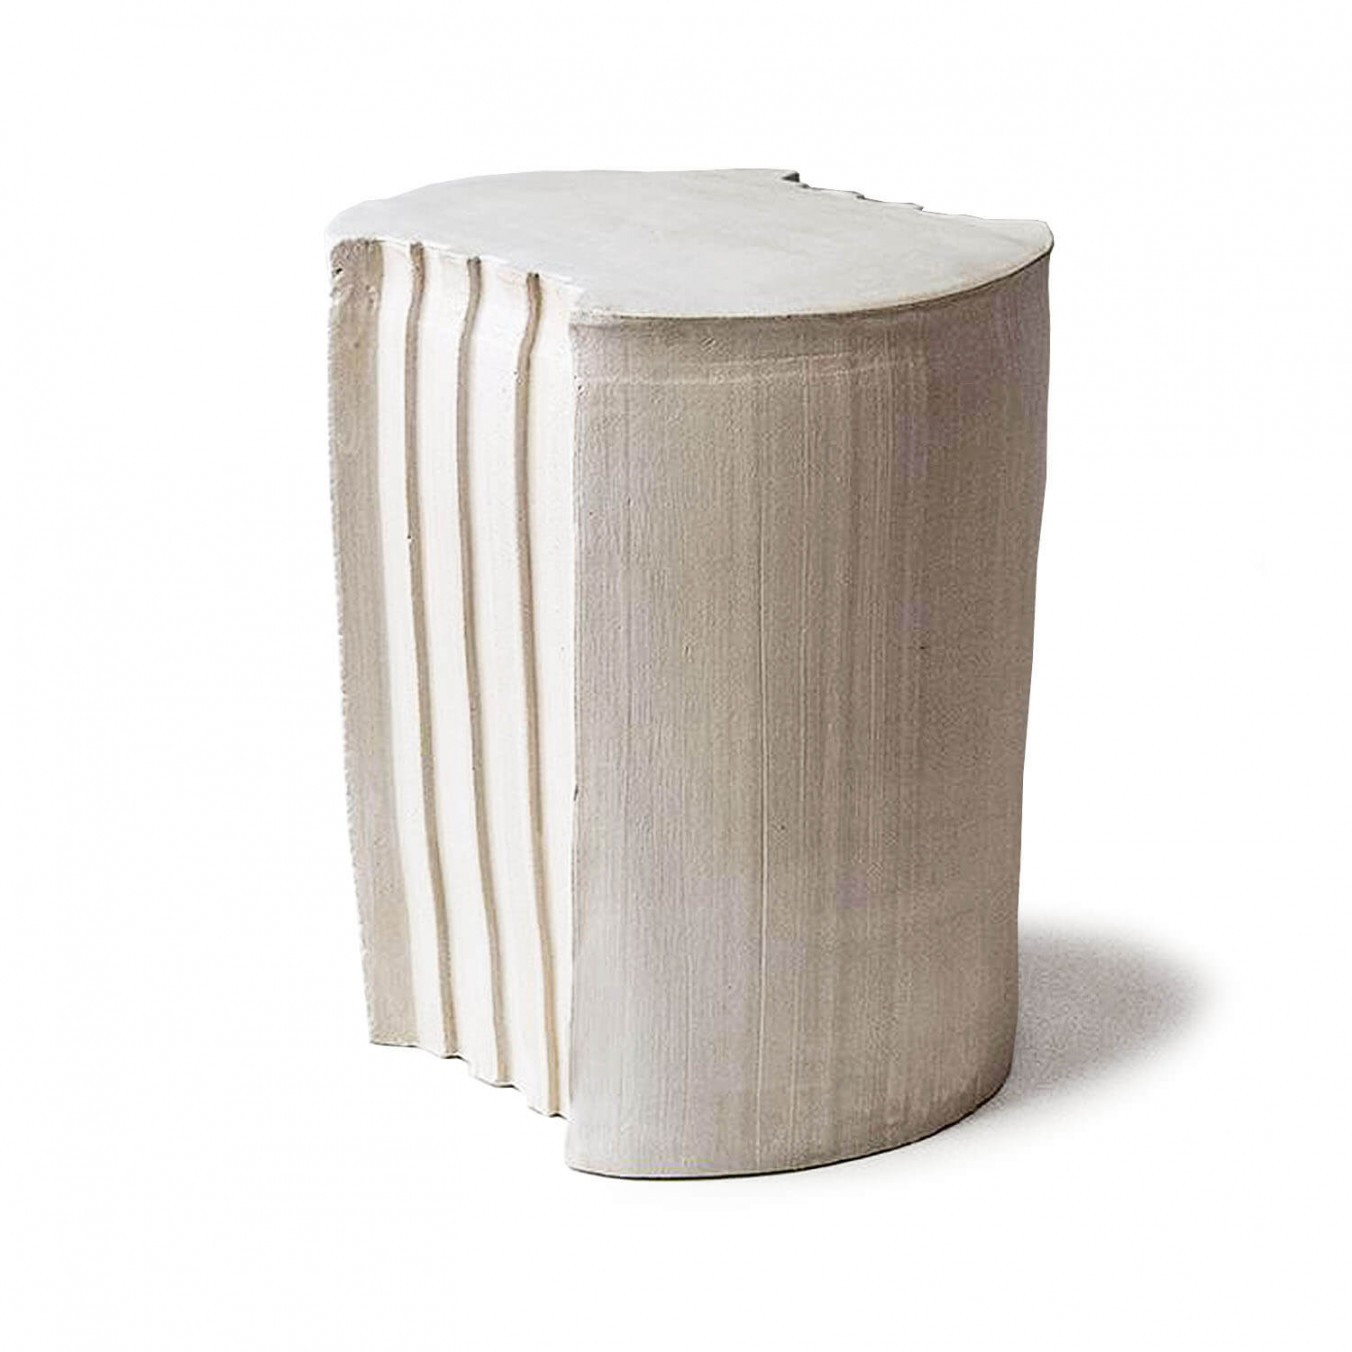 pressed stool with glaze   model 4